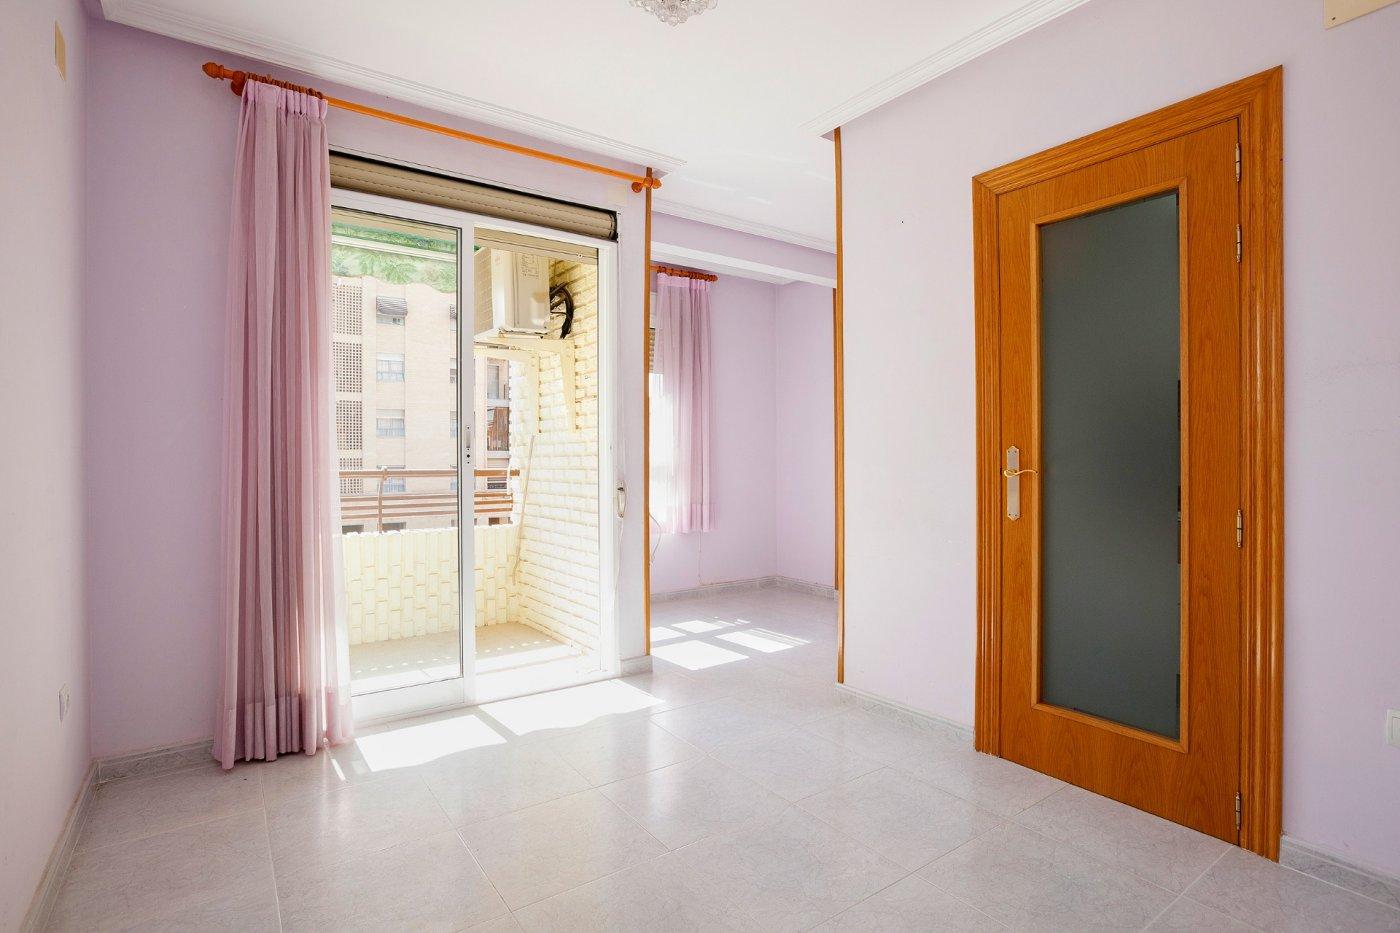 apartamento en alicante · benalua 60000€